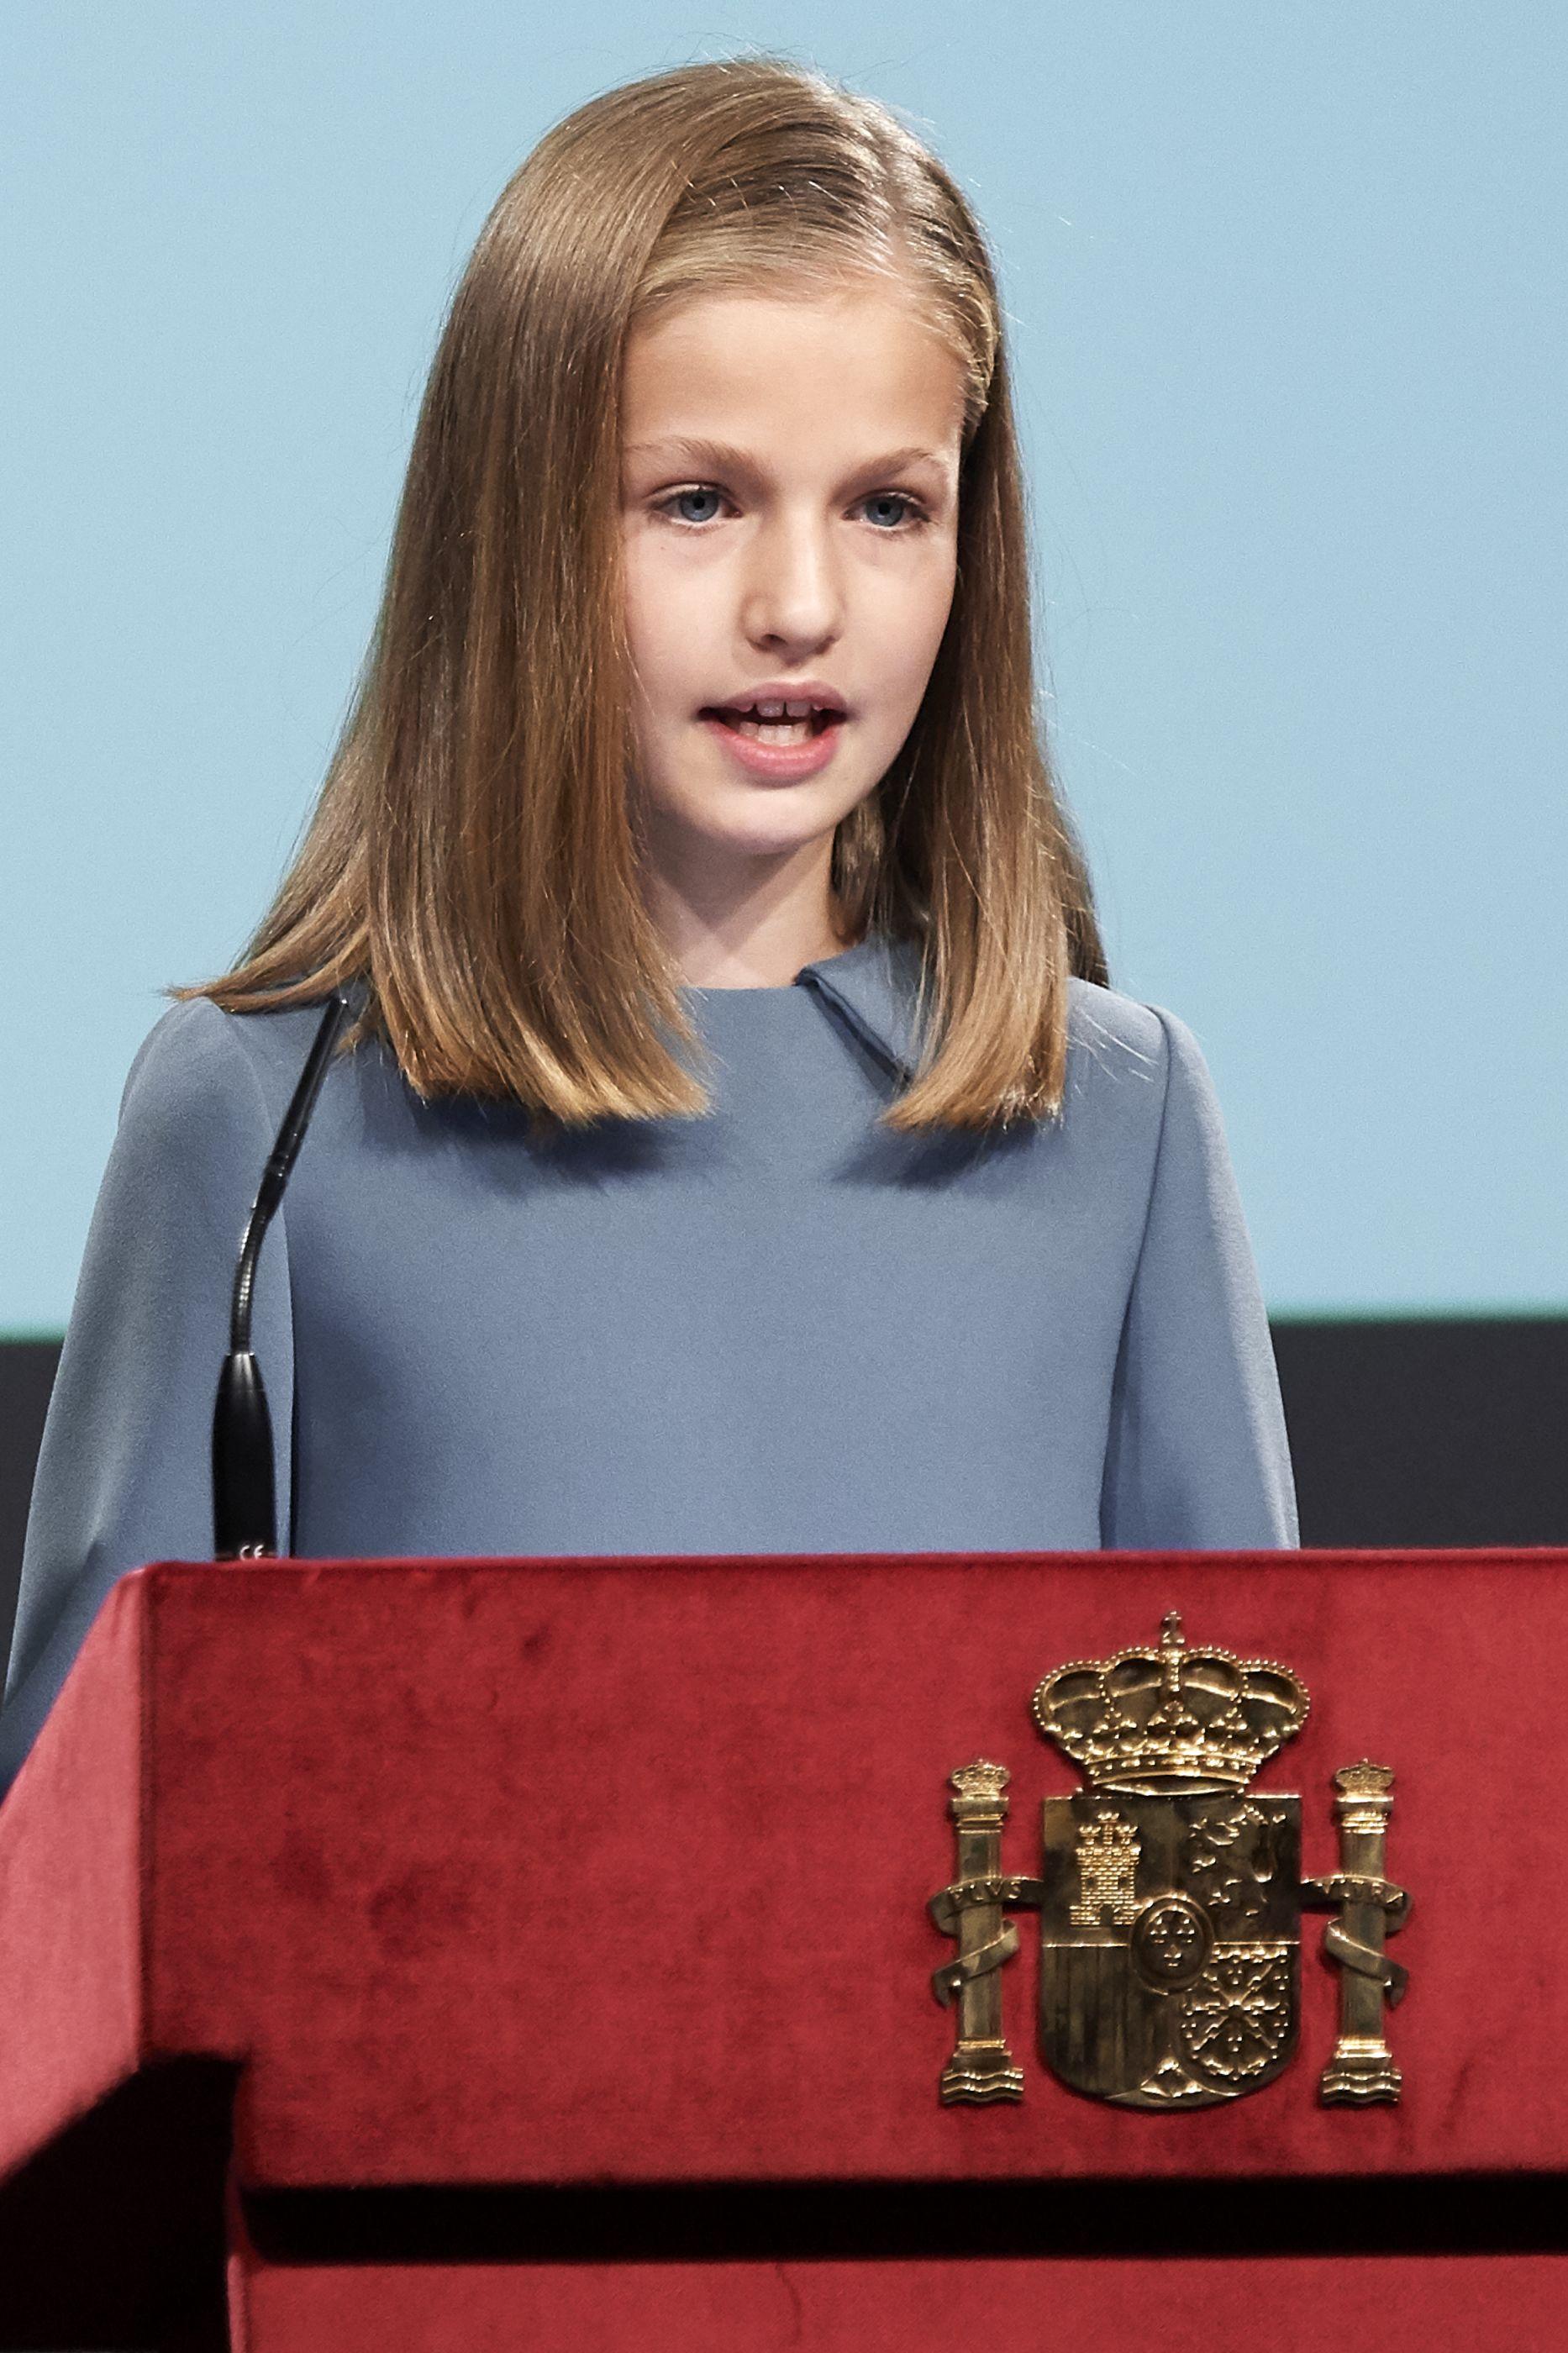 Eis as primeiras palavras públicas da princesa Leonor num ato oficial